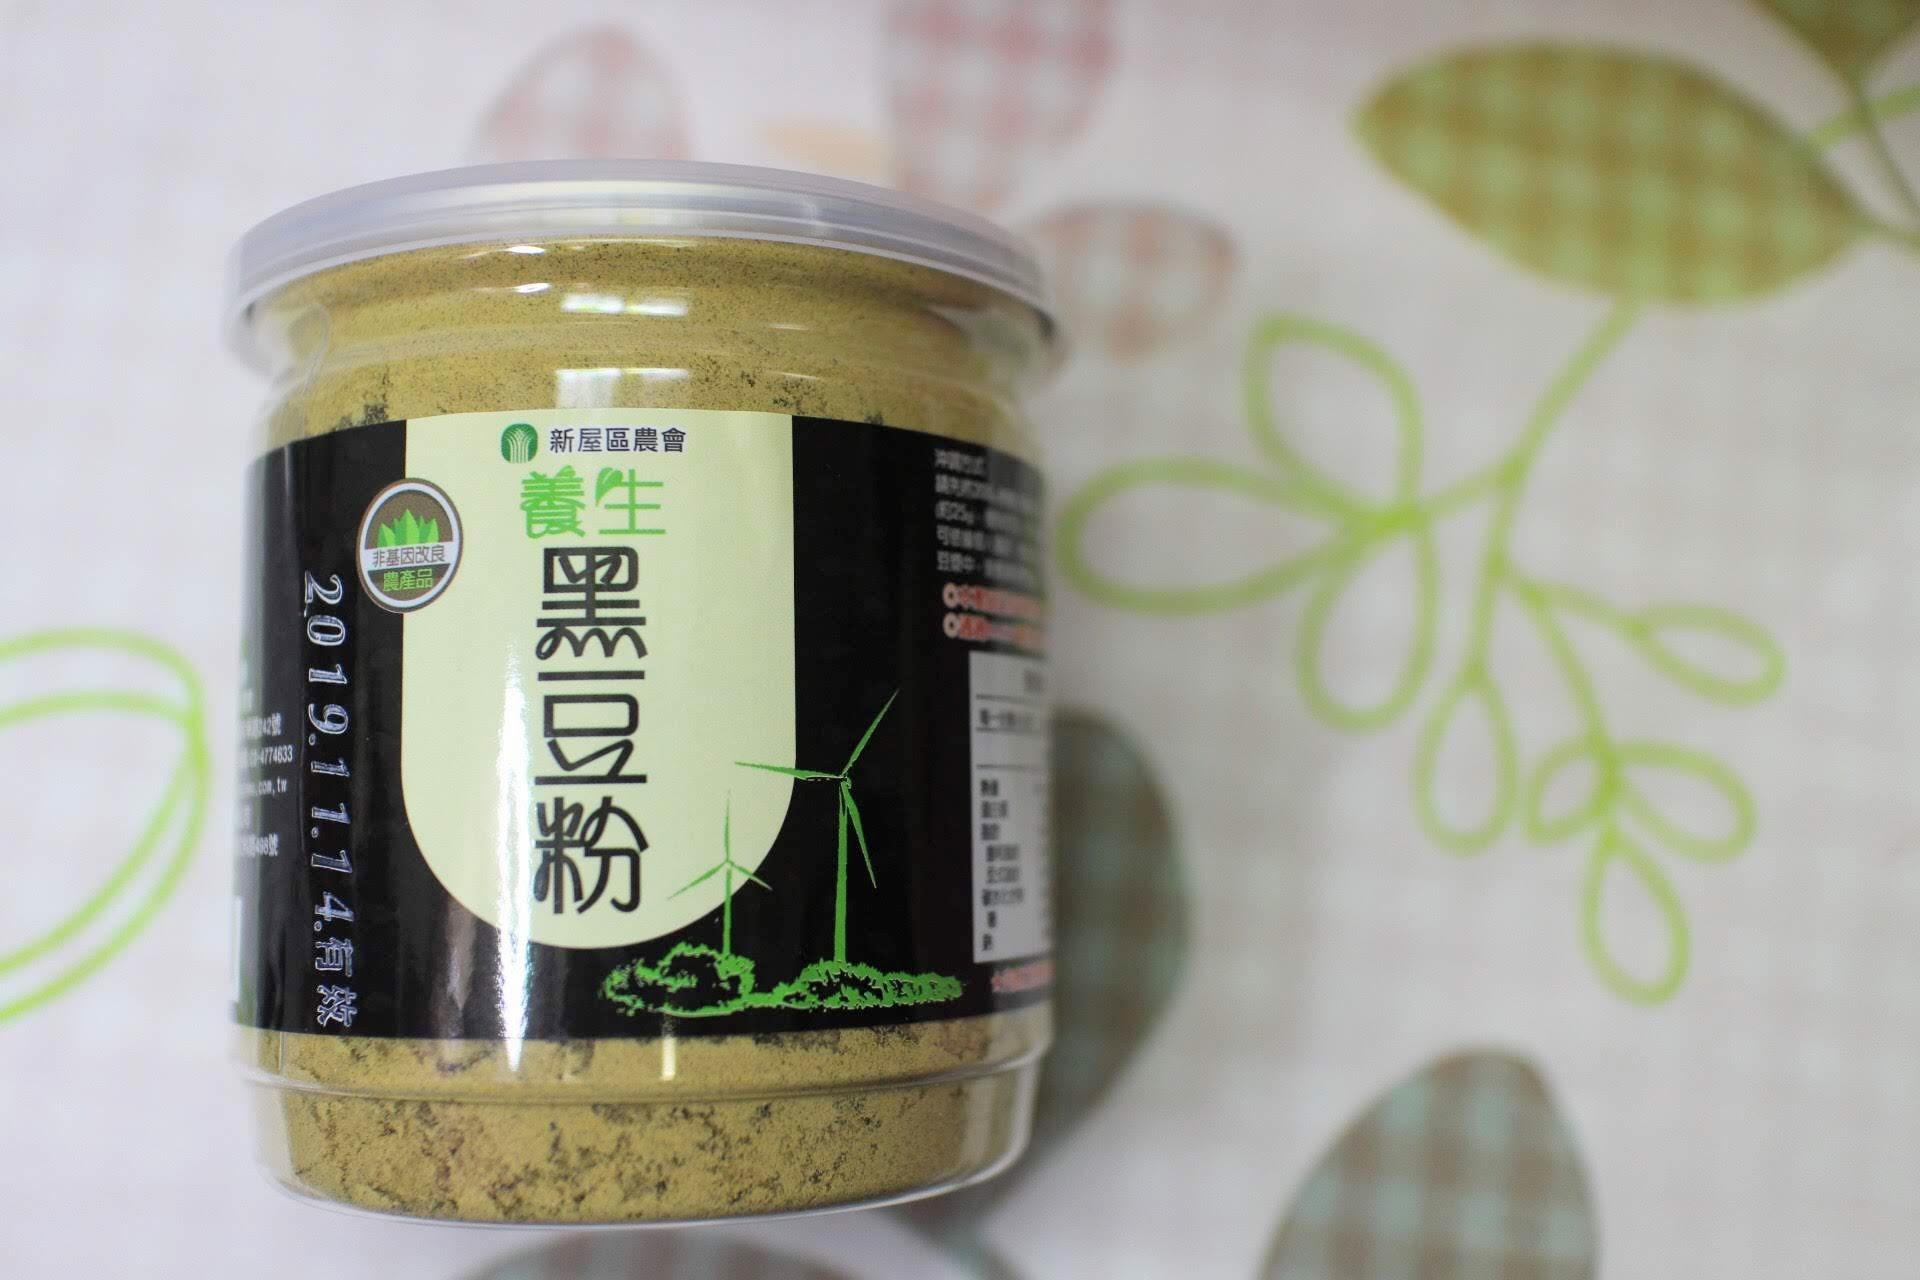 新屋區農會養生黑豆粉